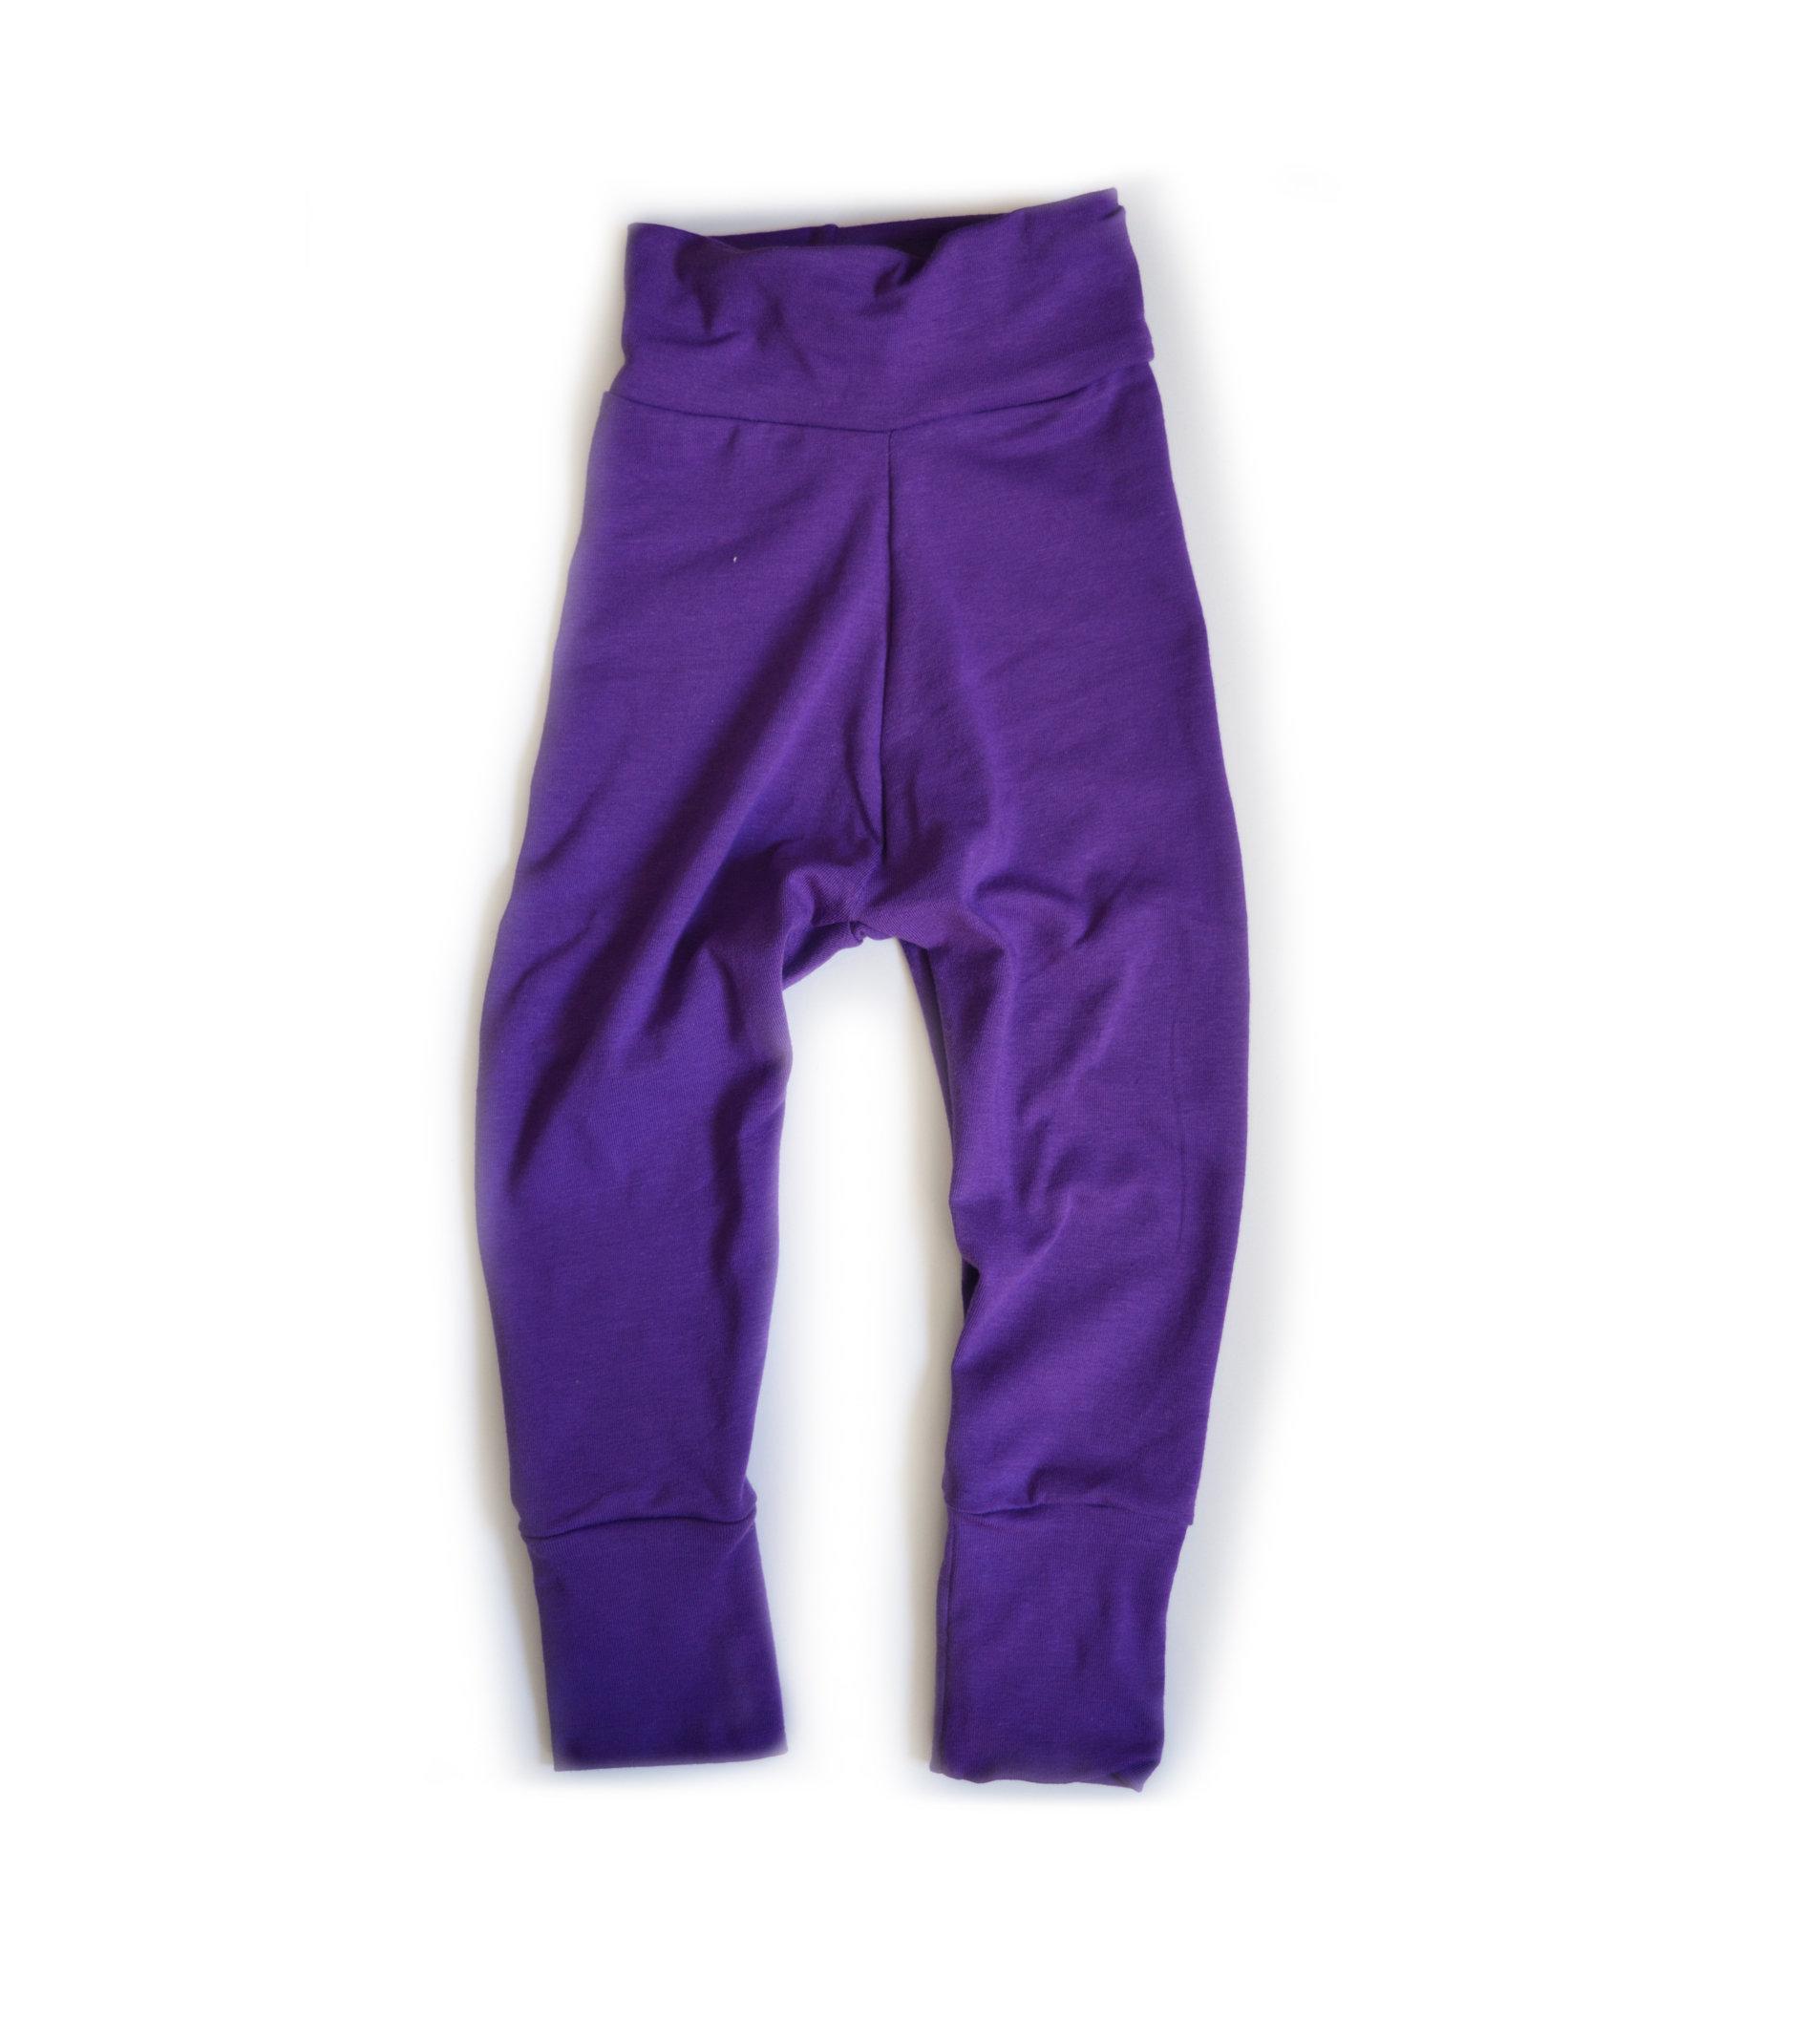 Little Sprout Pants™ Deep Purple - Cotton Lycra Slim Fit 00379